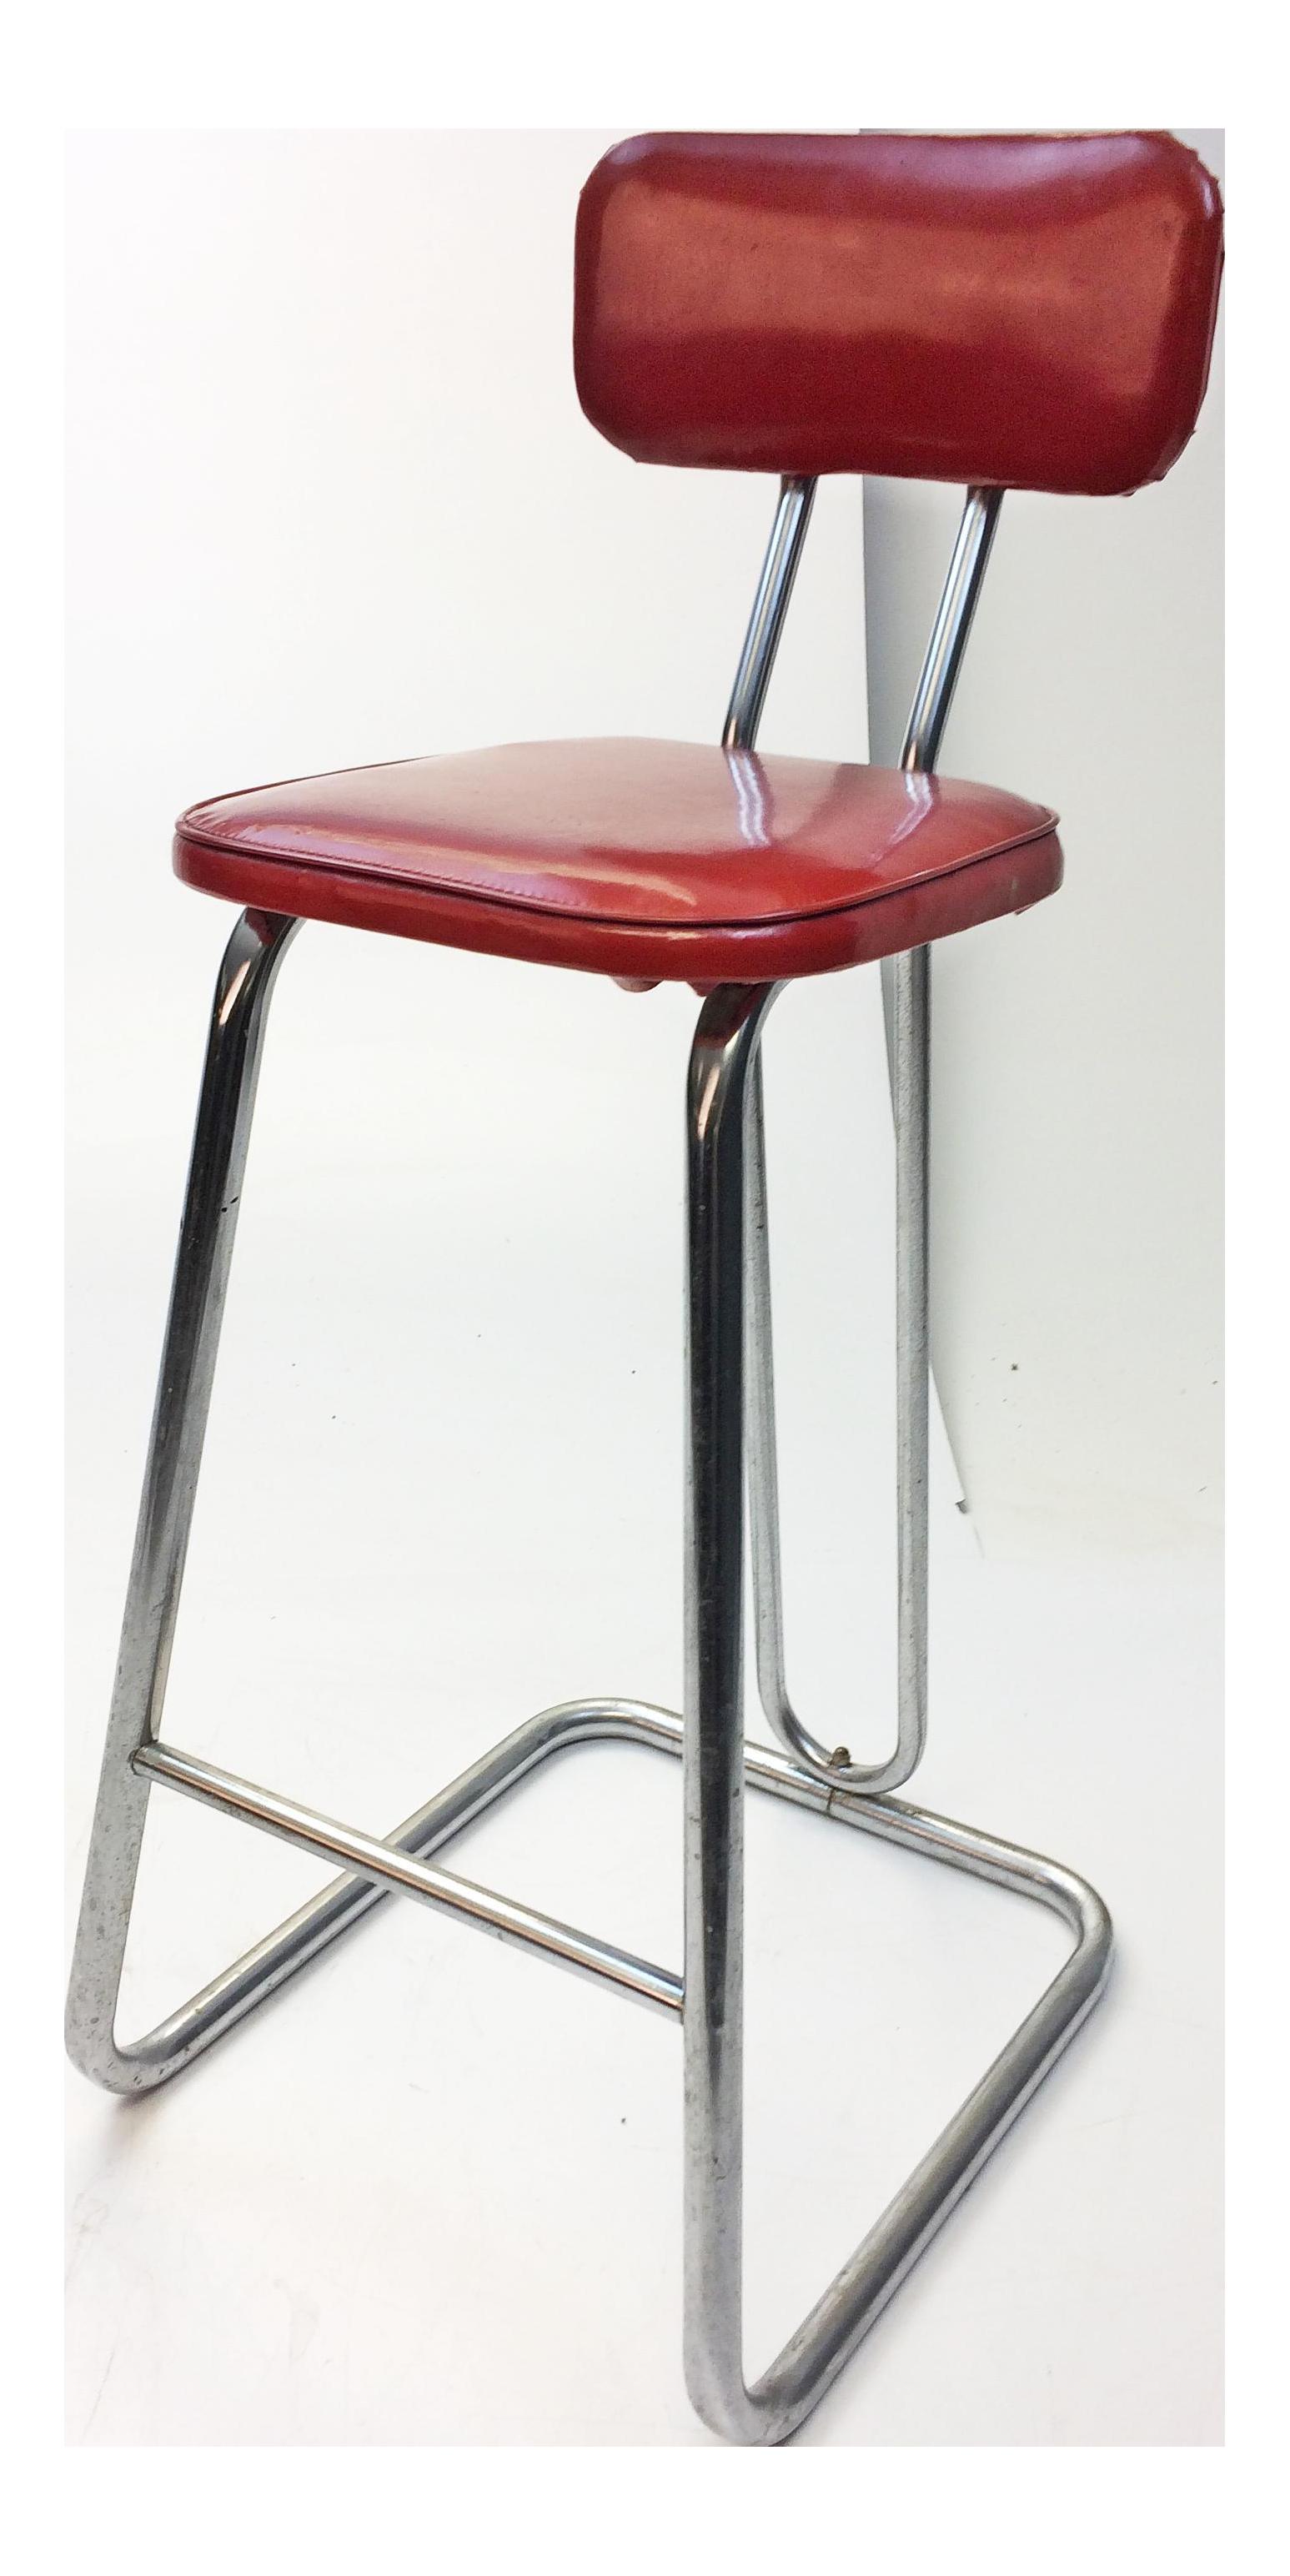 mid century modern red vinyl bar stool